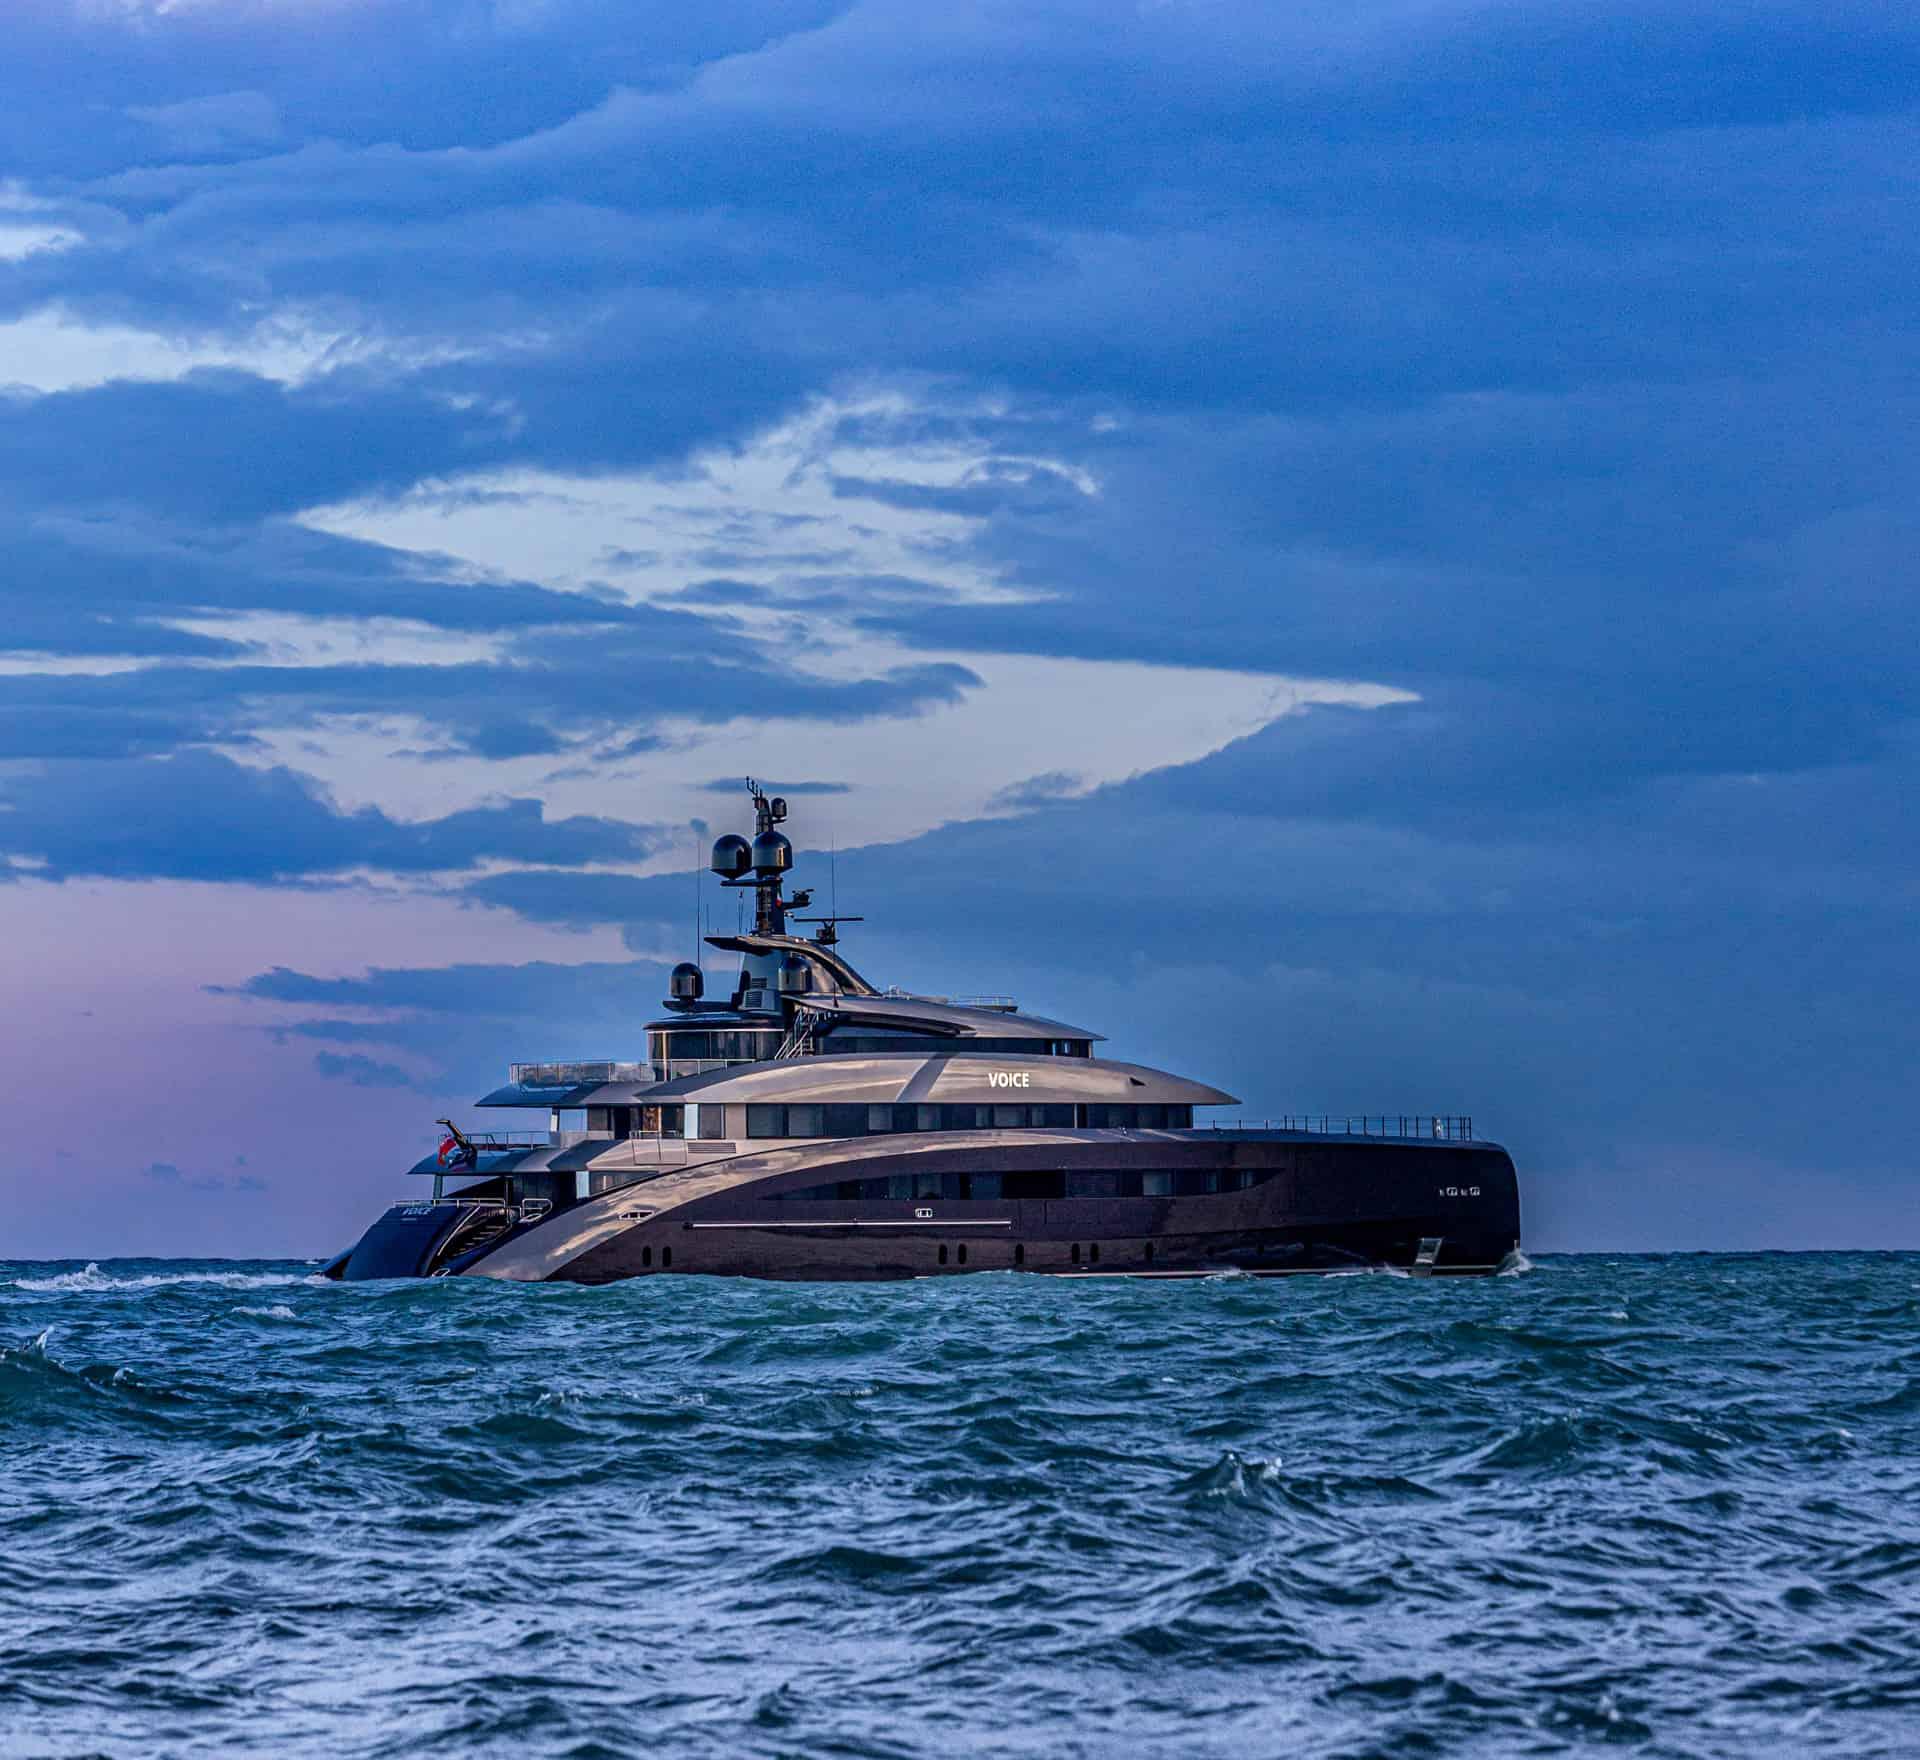 Quanto costa uno yacht?